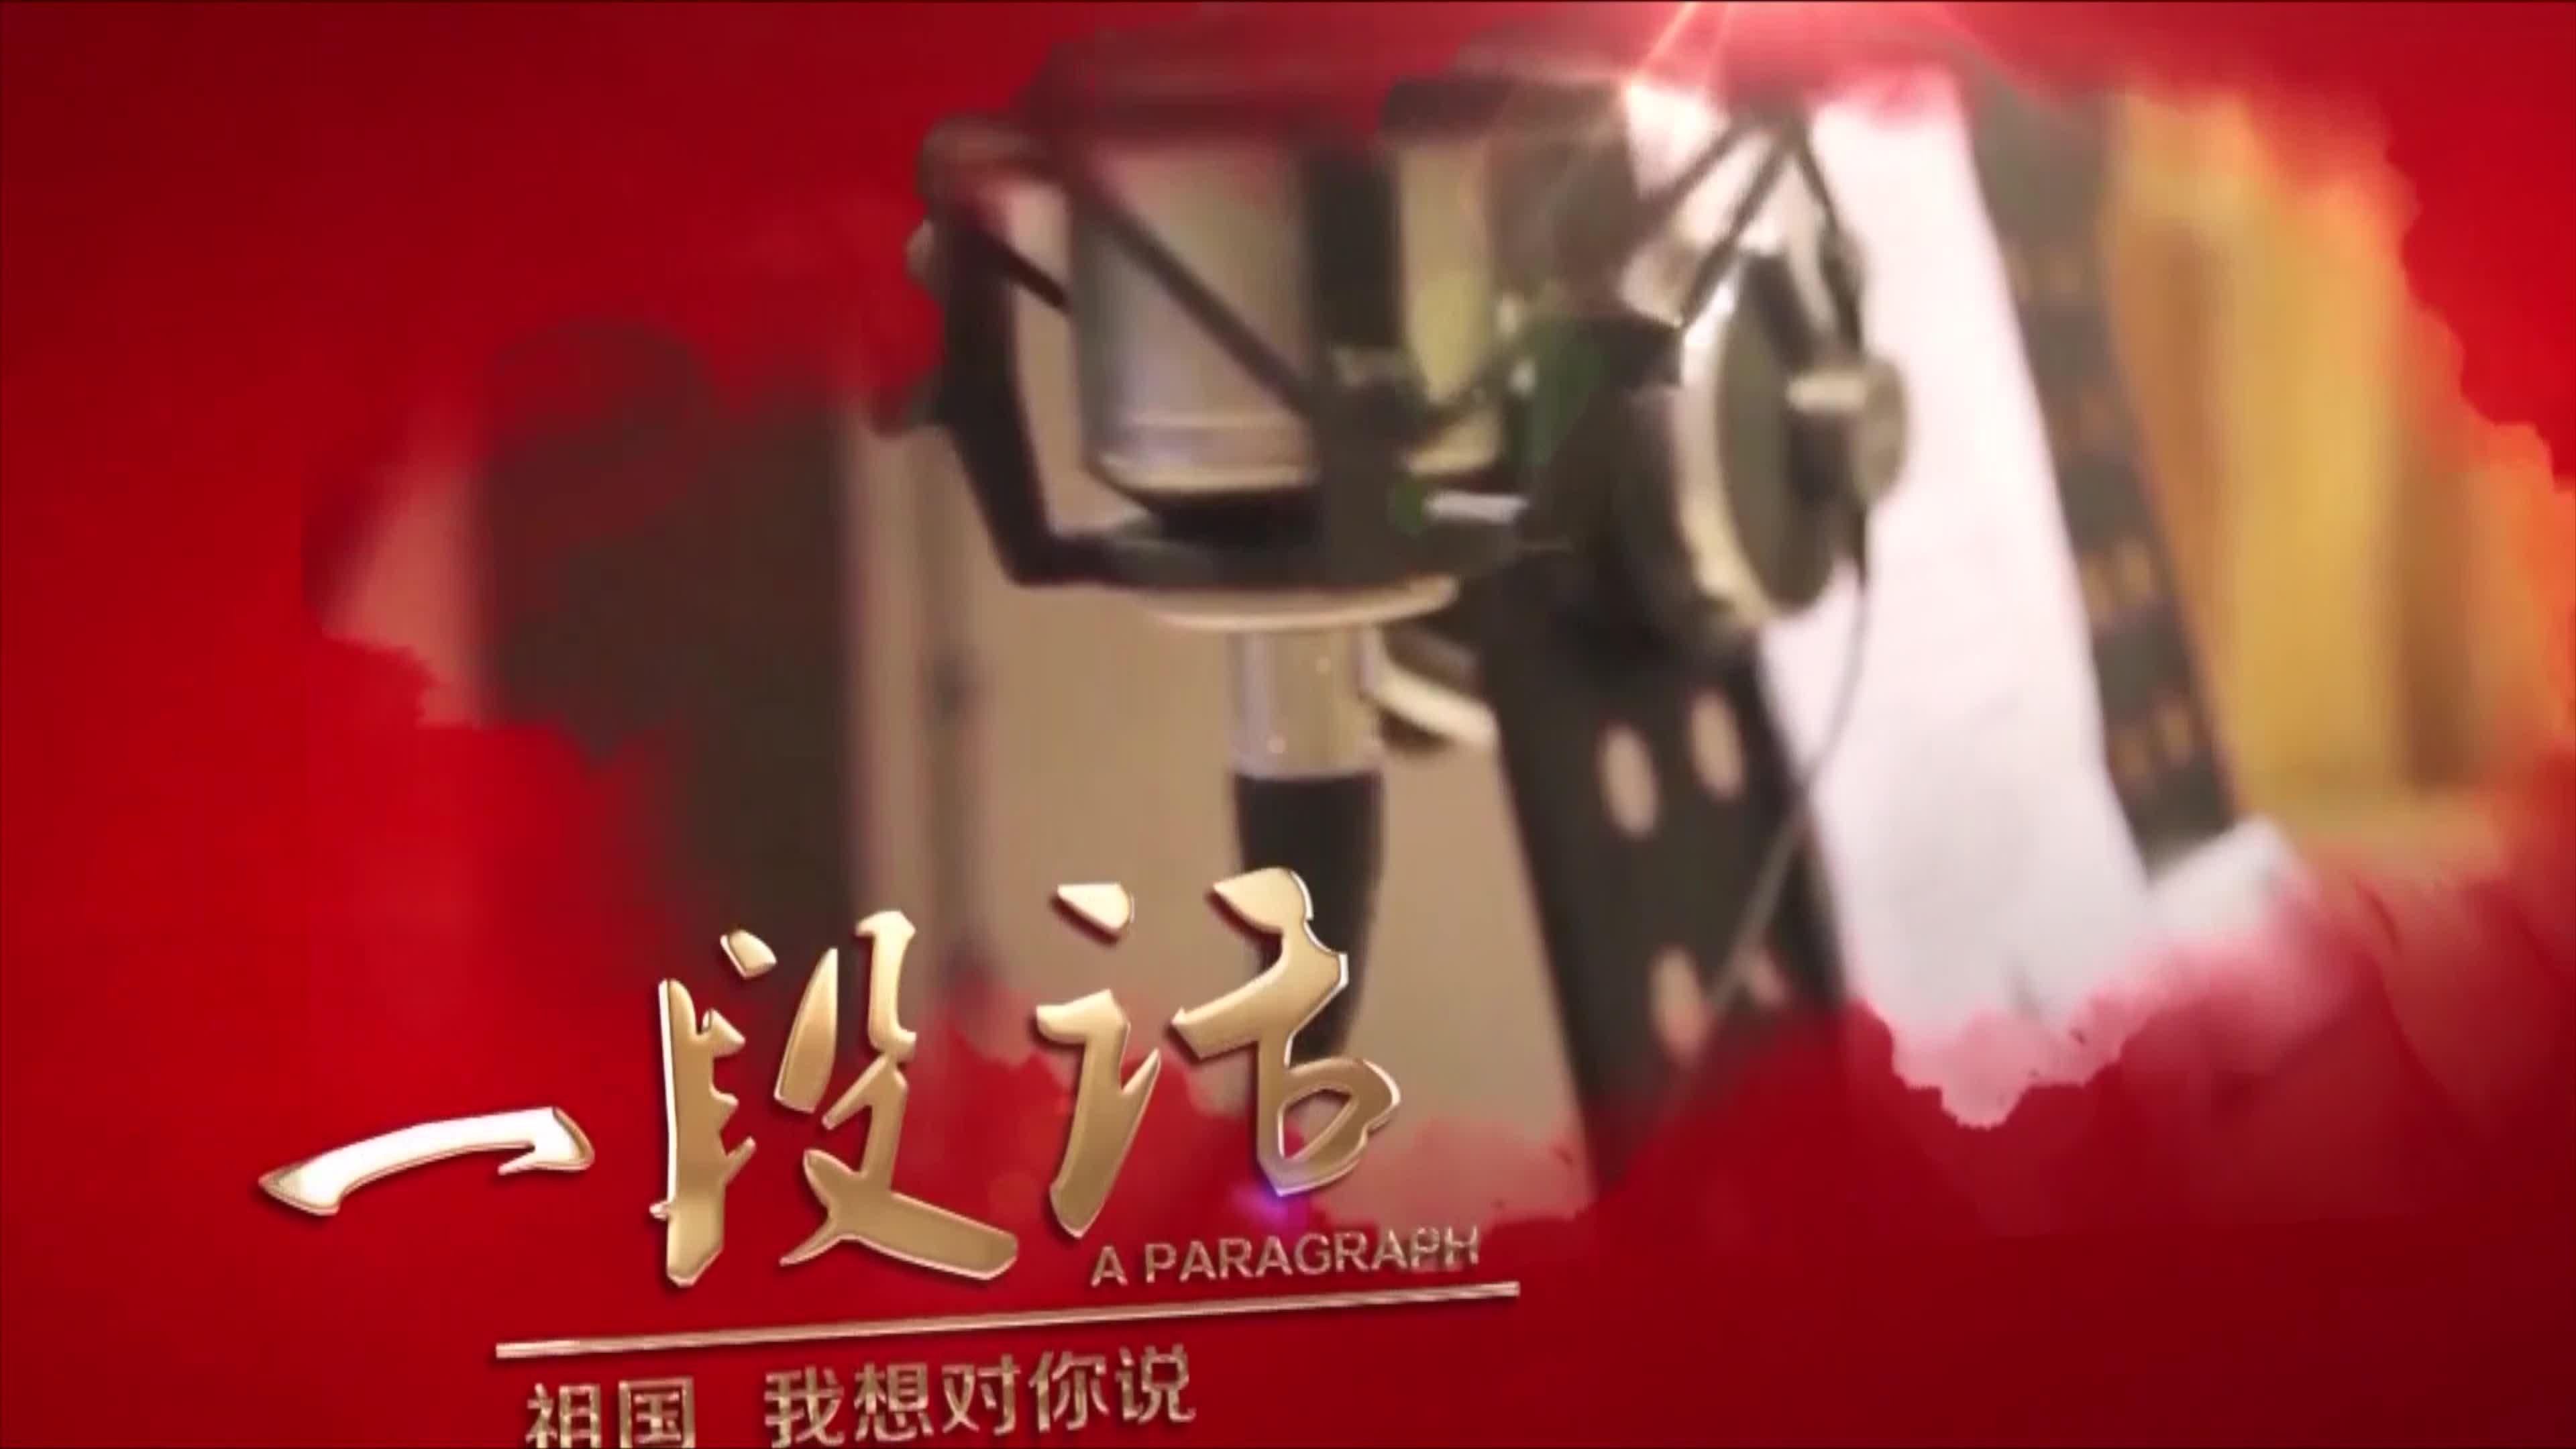 著名歌唱家时代楷模贠恩凤写给祖国的一封信